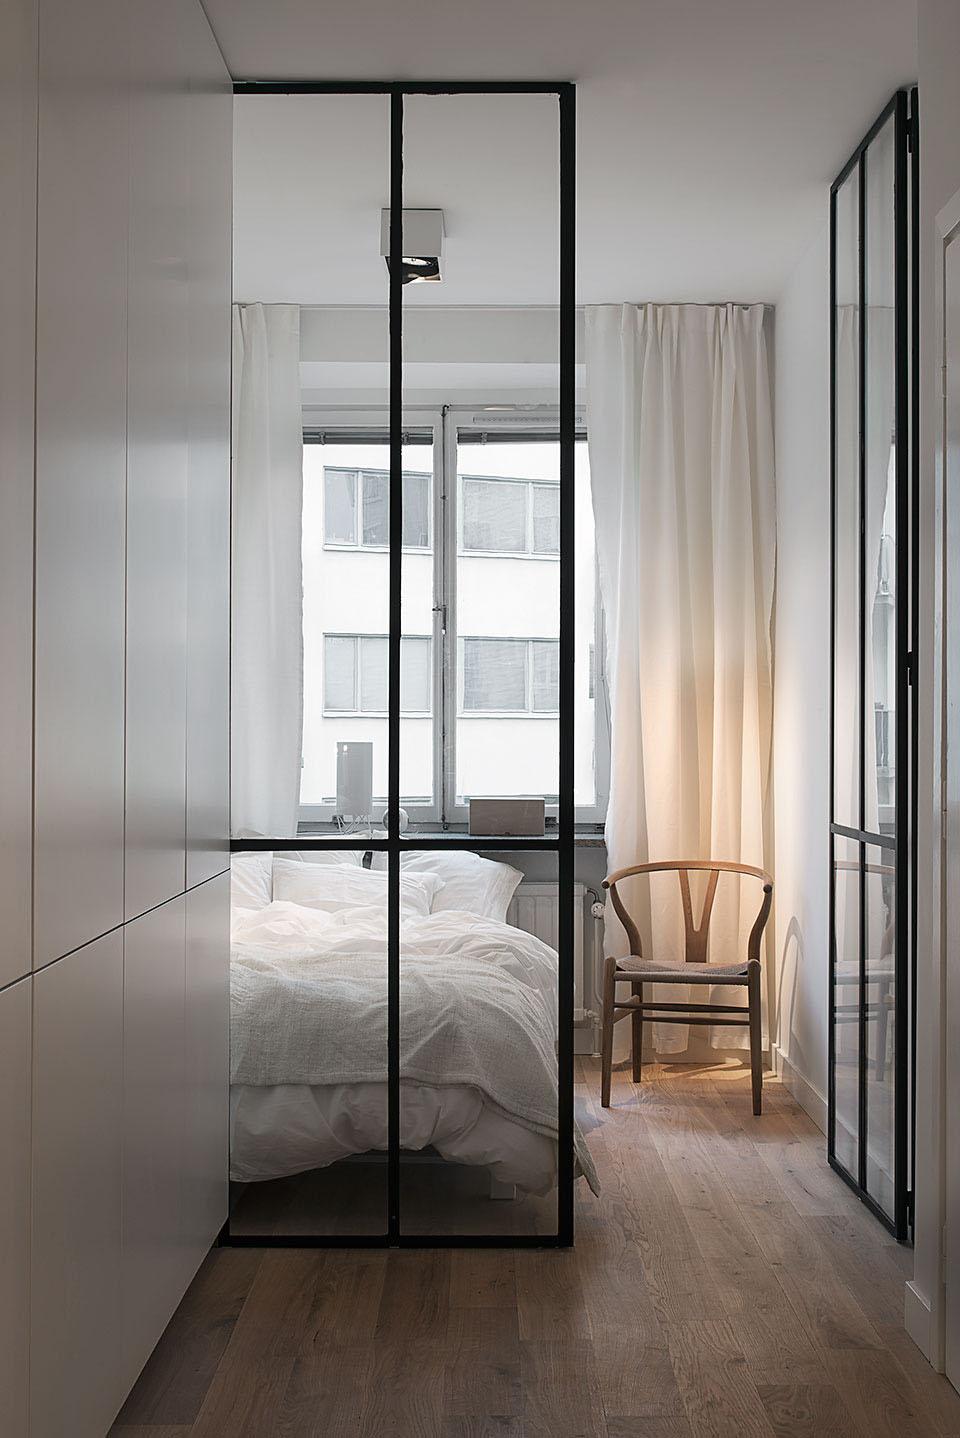 卧室空间格局规划合理体现出小户型的特殊性,充分体现主人生活的规律以及清爽